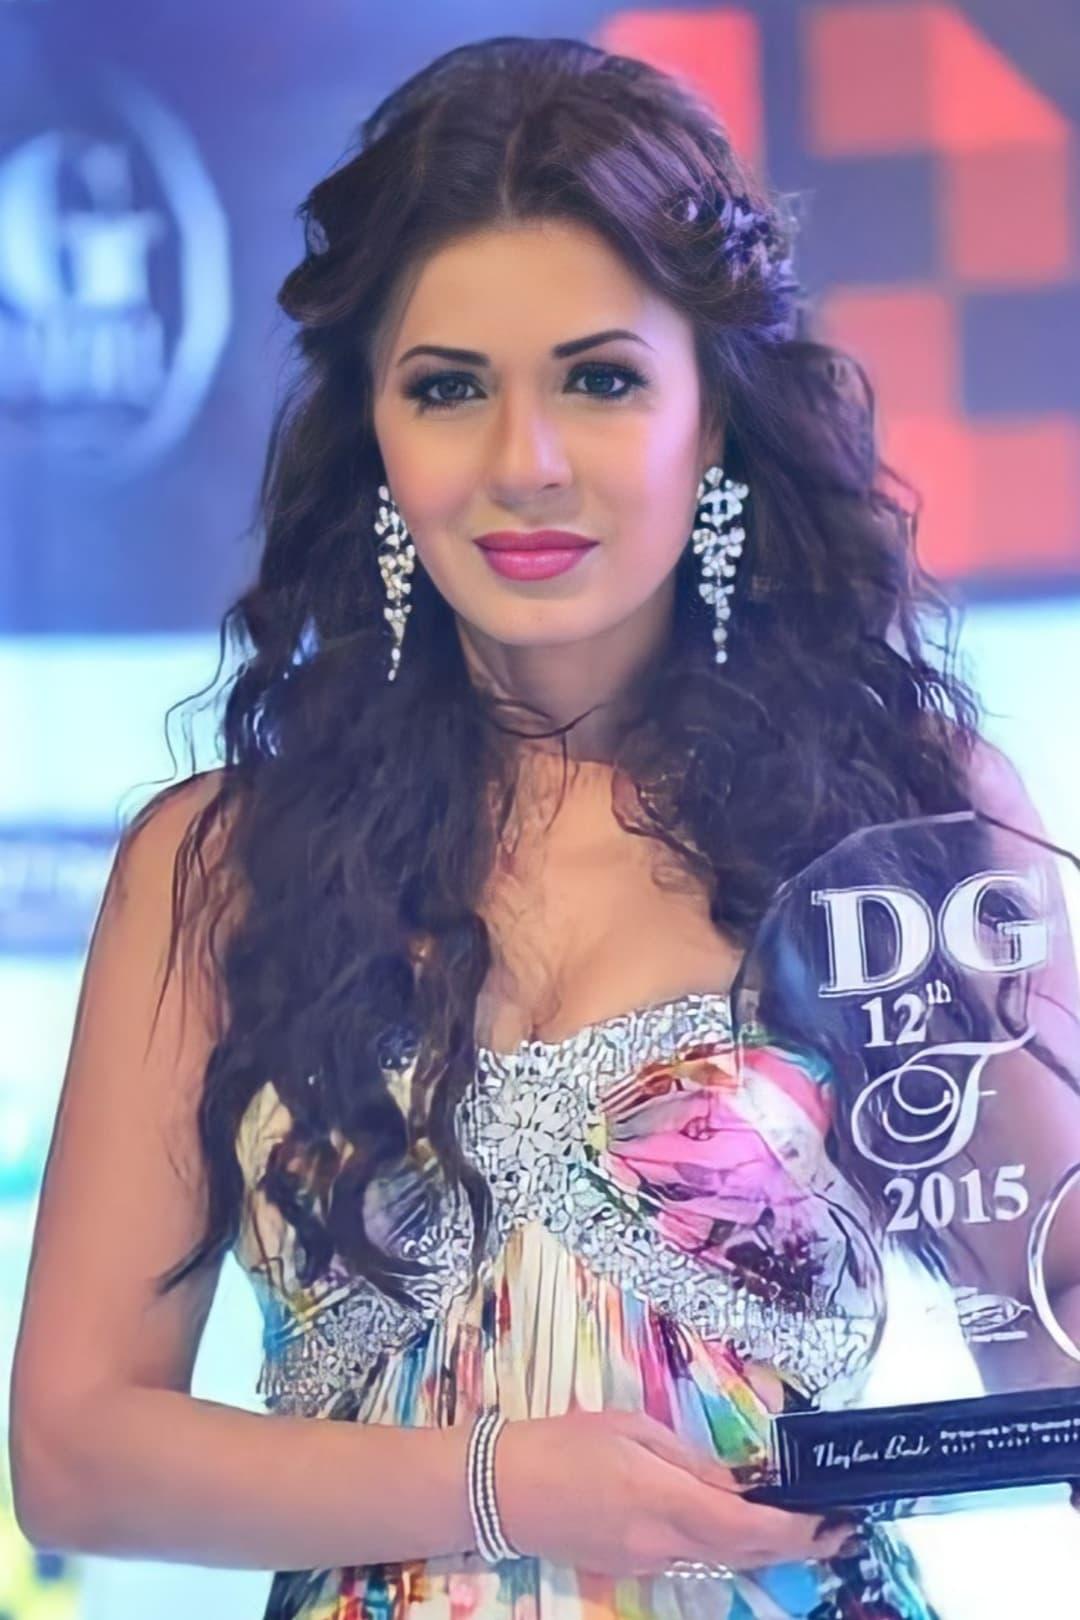 Naglaa Badr